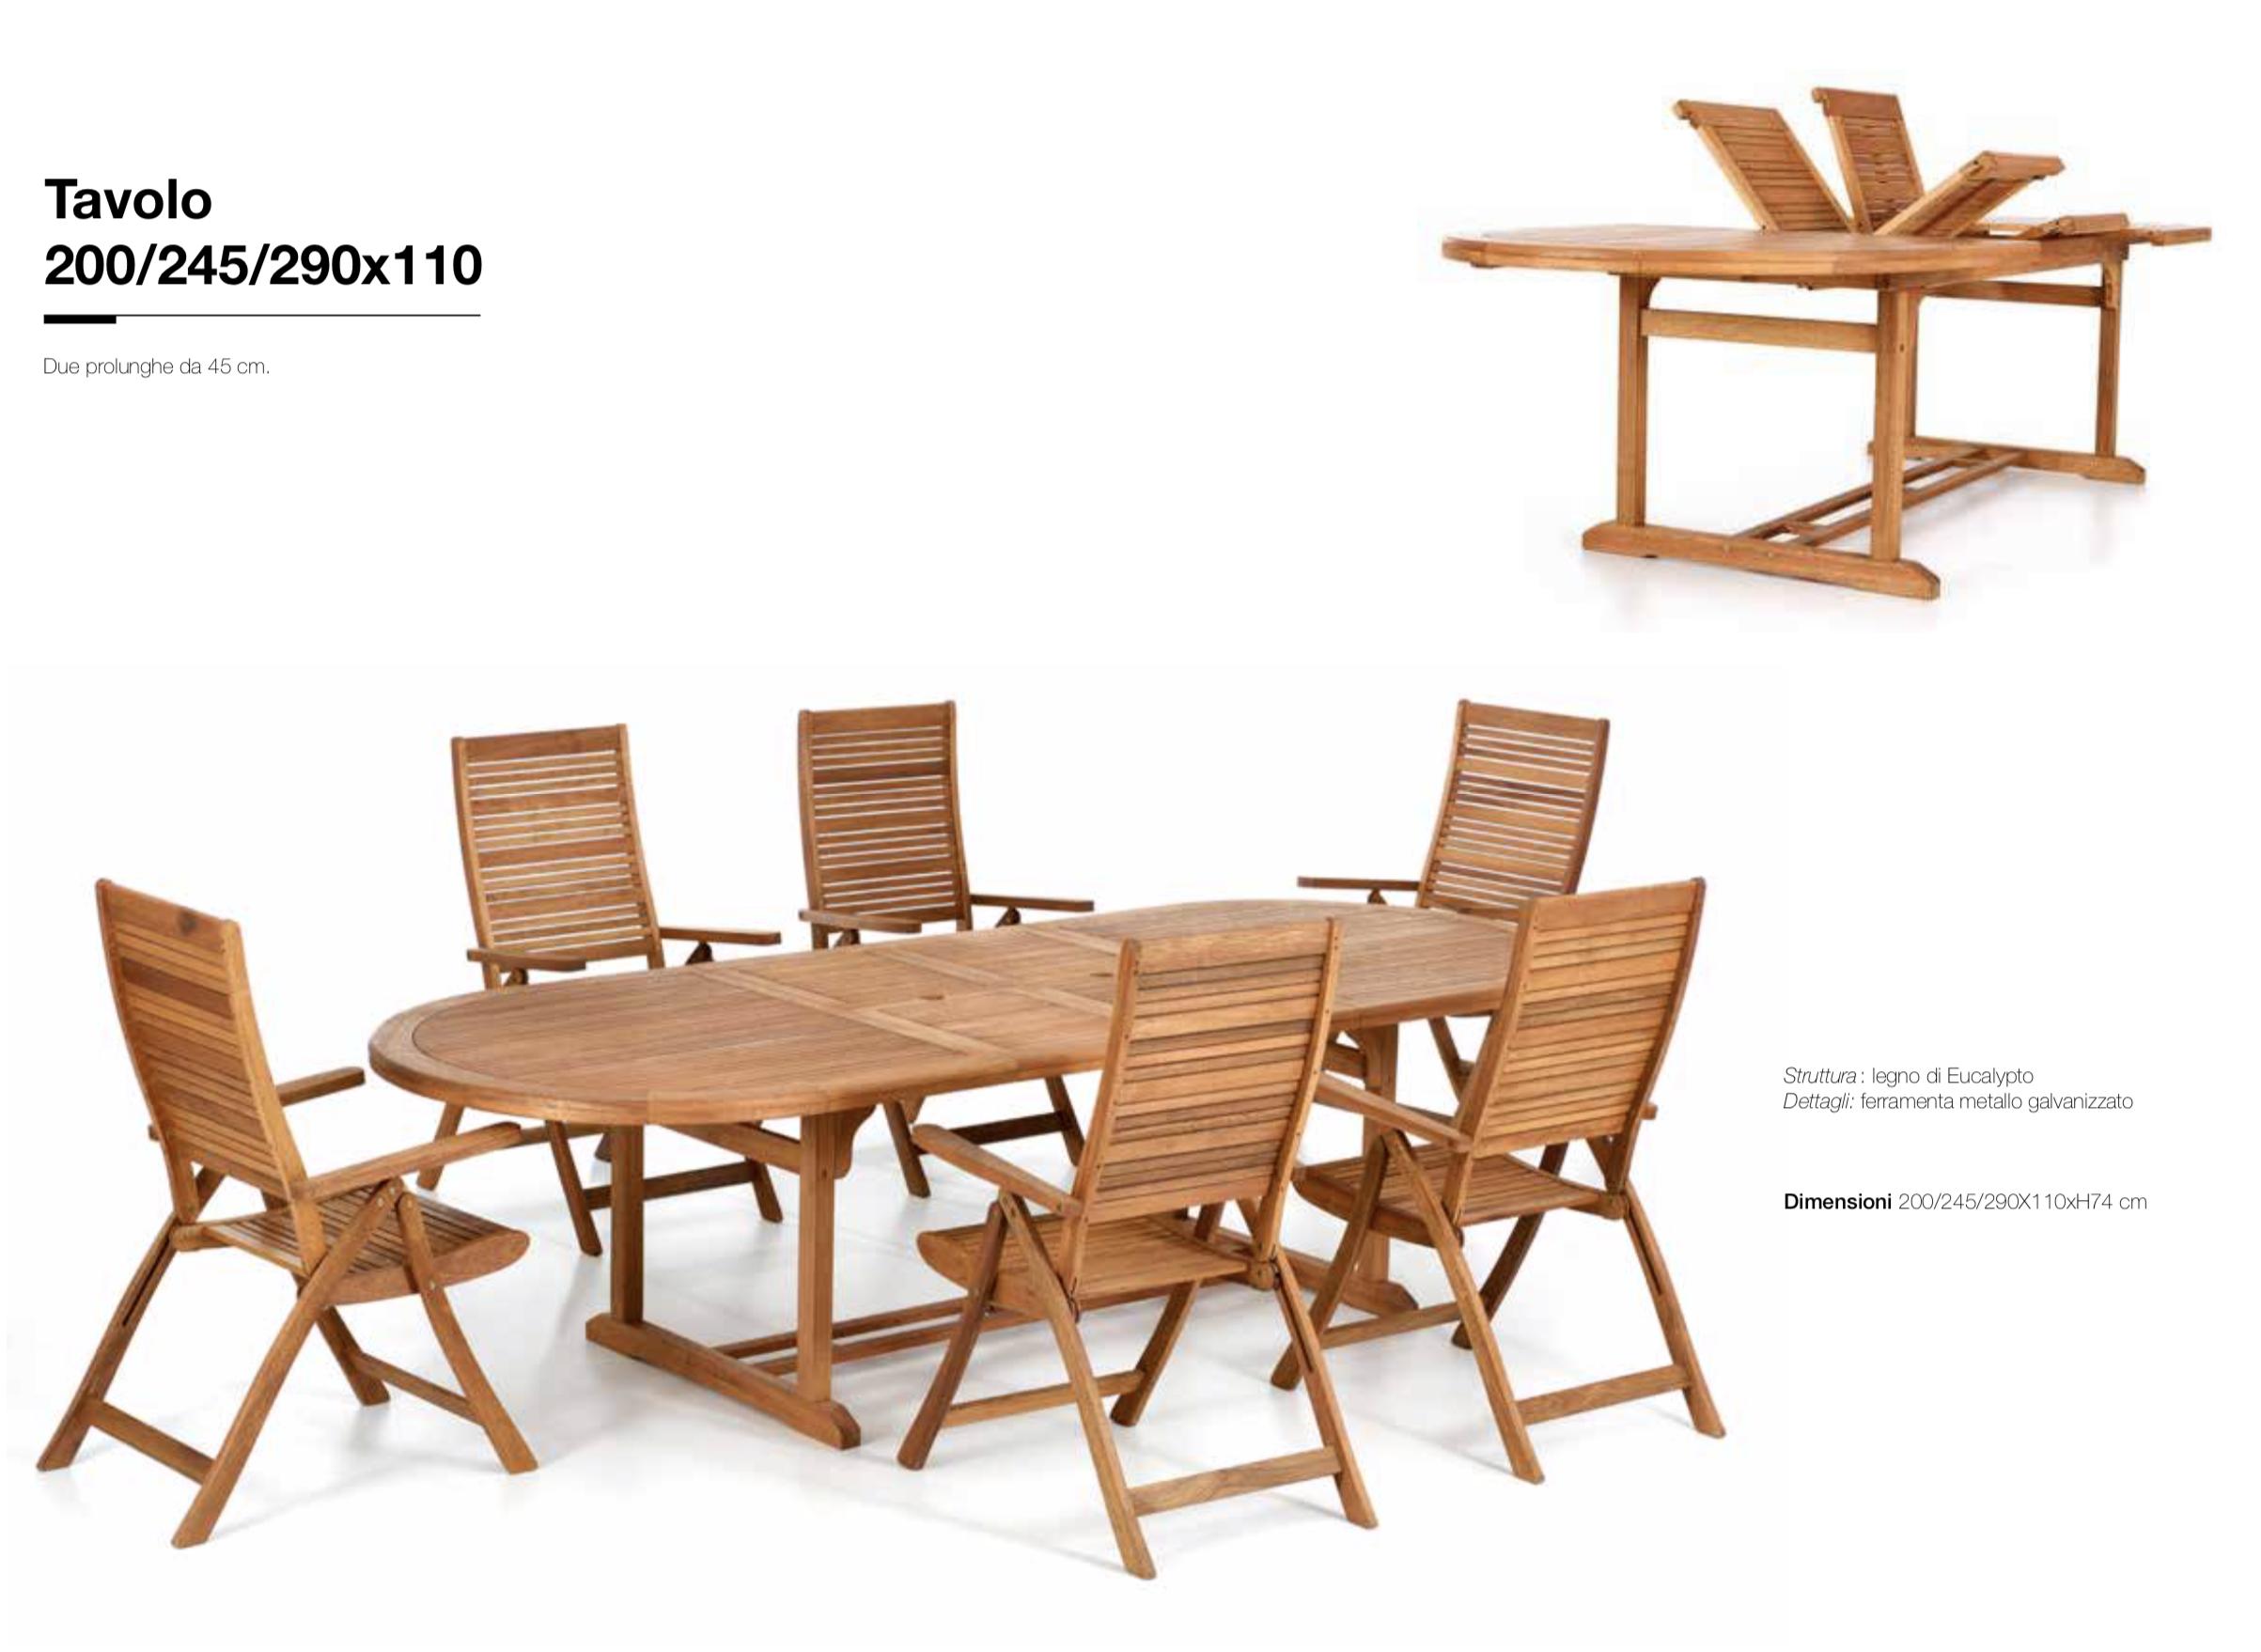 Tavoli In Legno Da Esterno Allungabili.Tavolo Ovale Allungabile Da Giardino 200x110cm Pignataro Shop